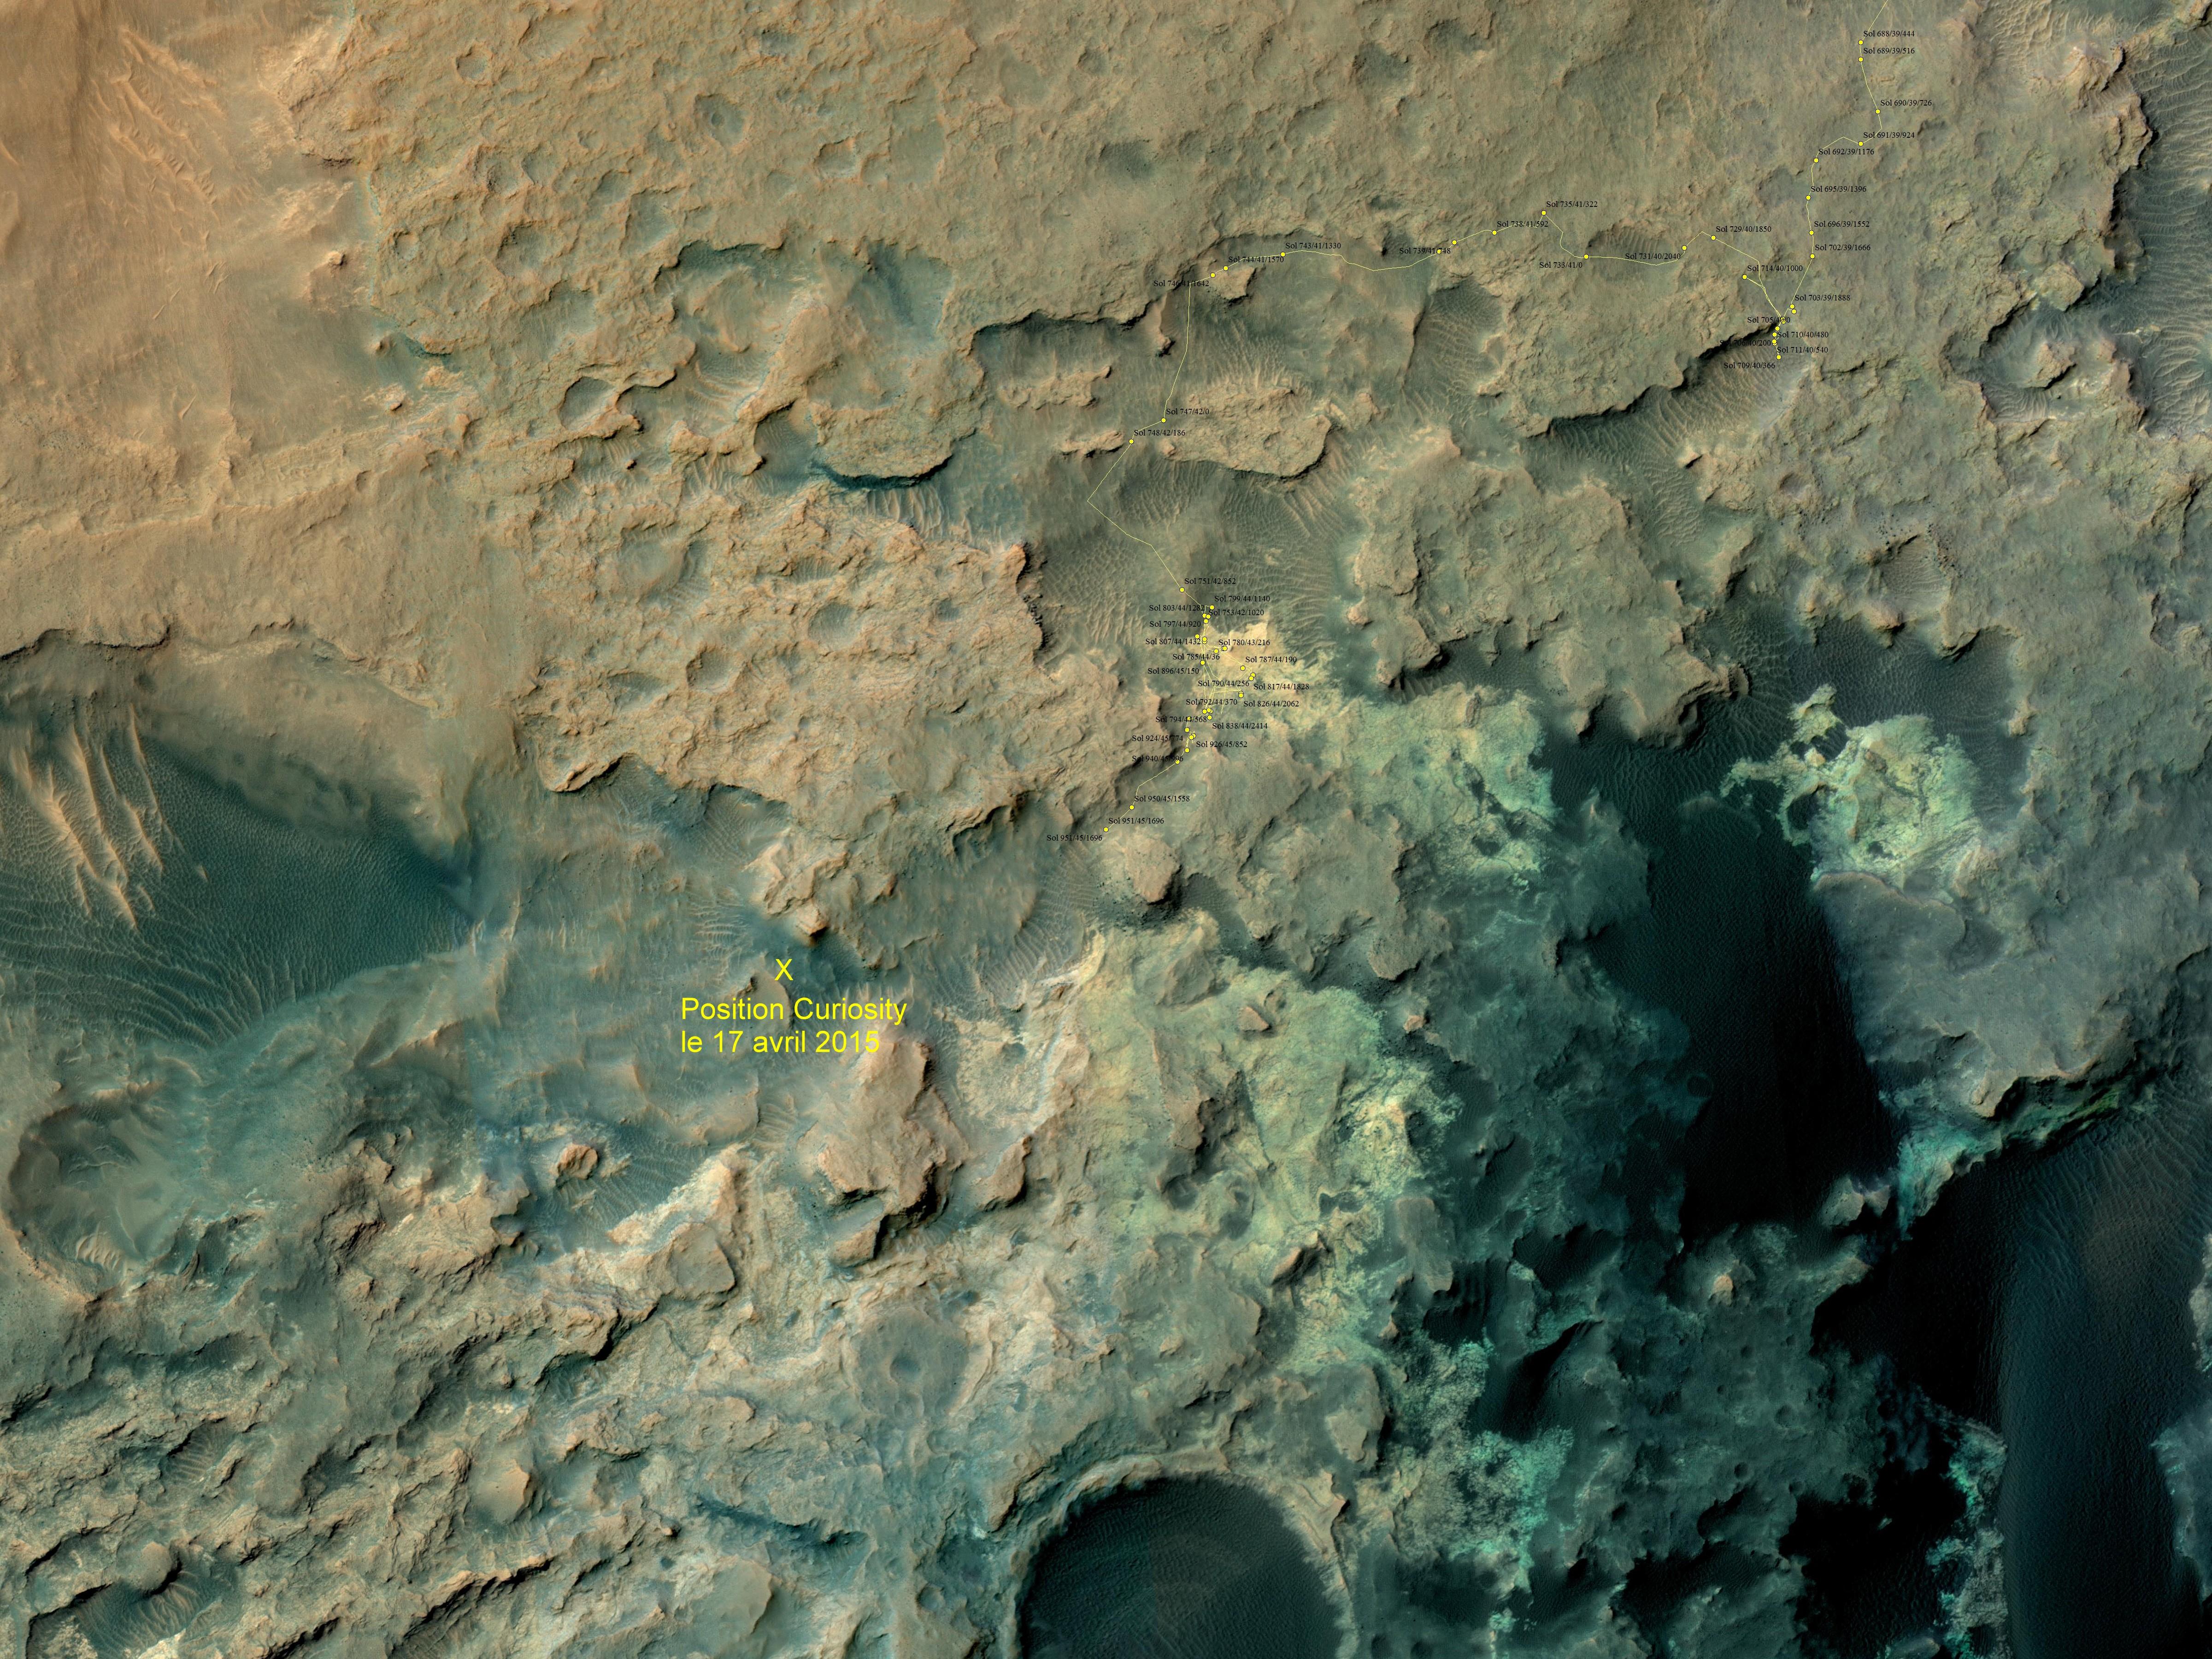 curiosity_location_sol951-full rens